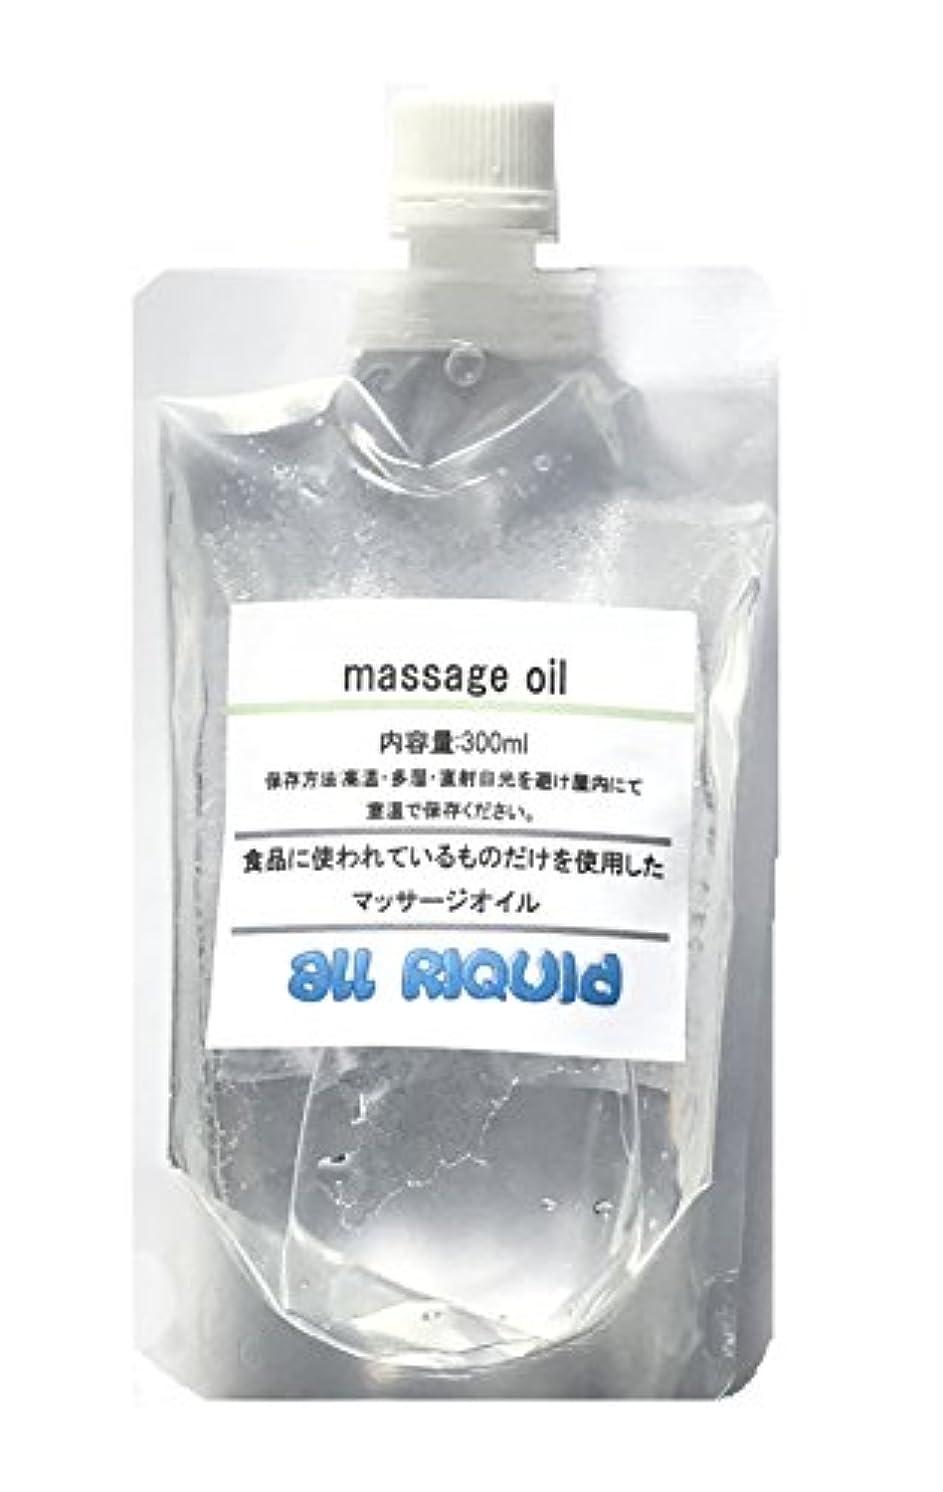 区画チェリー悲観主義者(国産) 食品に使われているものしか入っていないアロママッサージオイル あま~い バニラ オールリキッド 300ml (グリセリン クエン酸) 配合 大容量